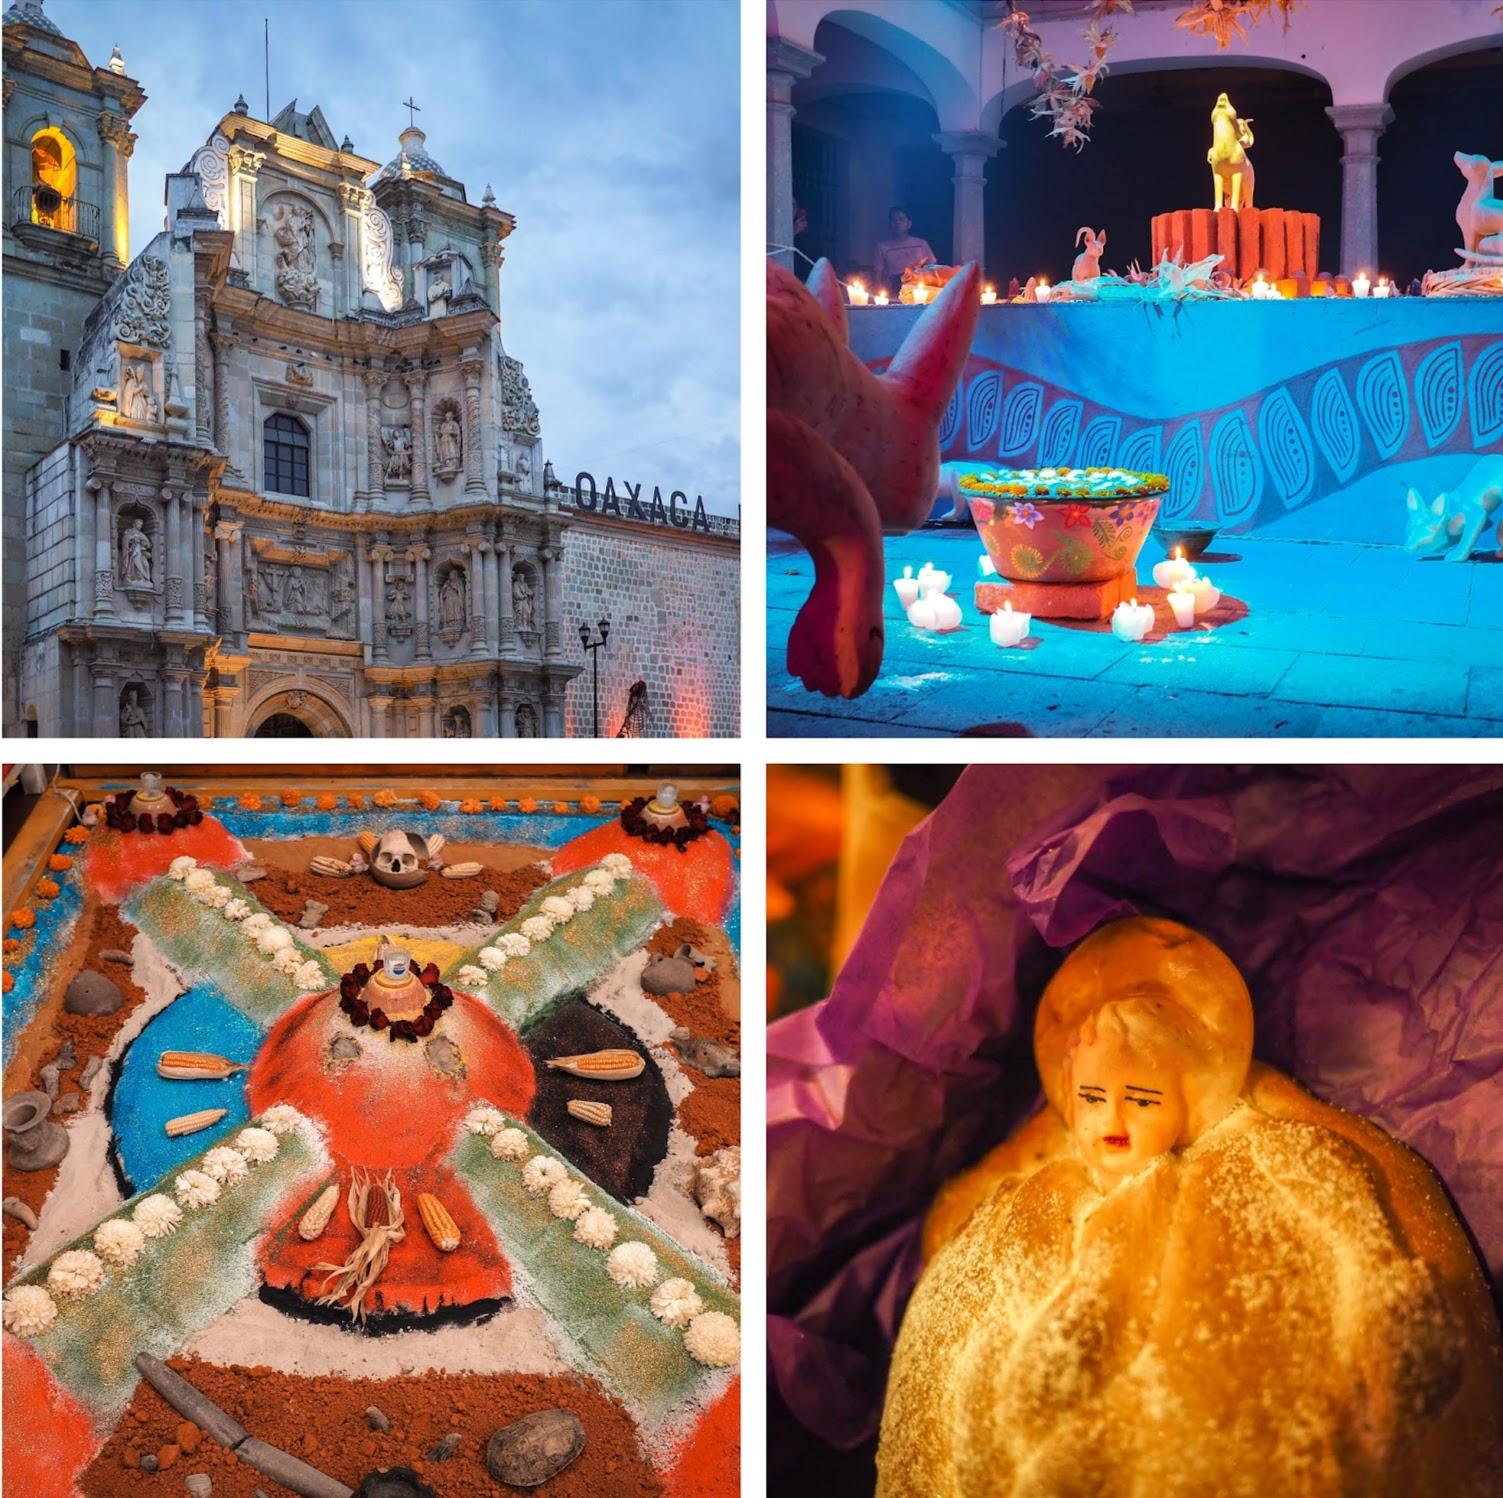 Day of the Dead celebration in Oaxaca is a colorful, joyful festivity.